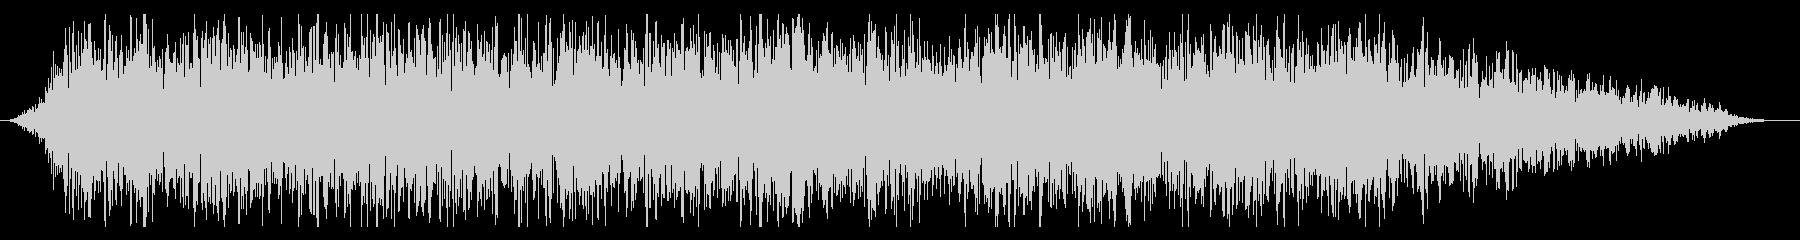 【ゴォ〜】地震、地響き、地鳴りに最適08の未再生の波形